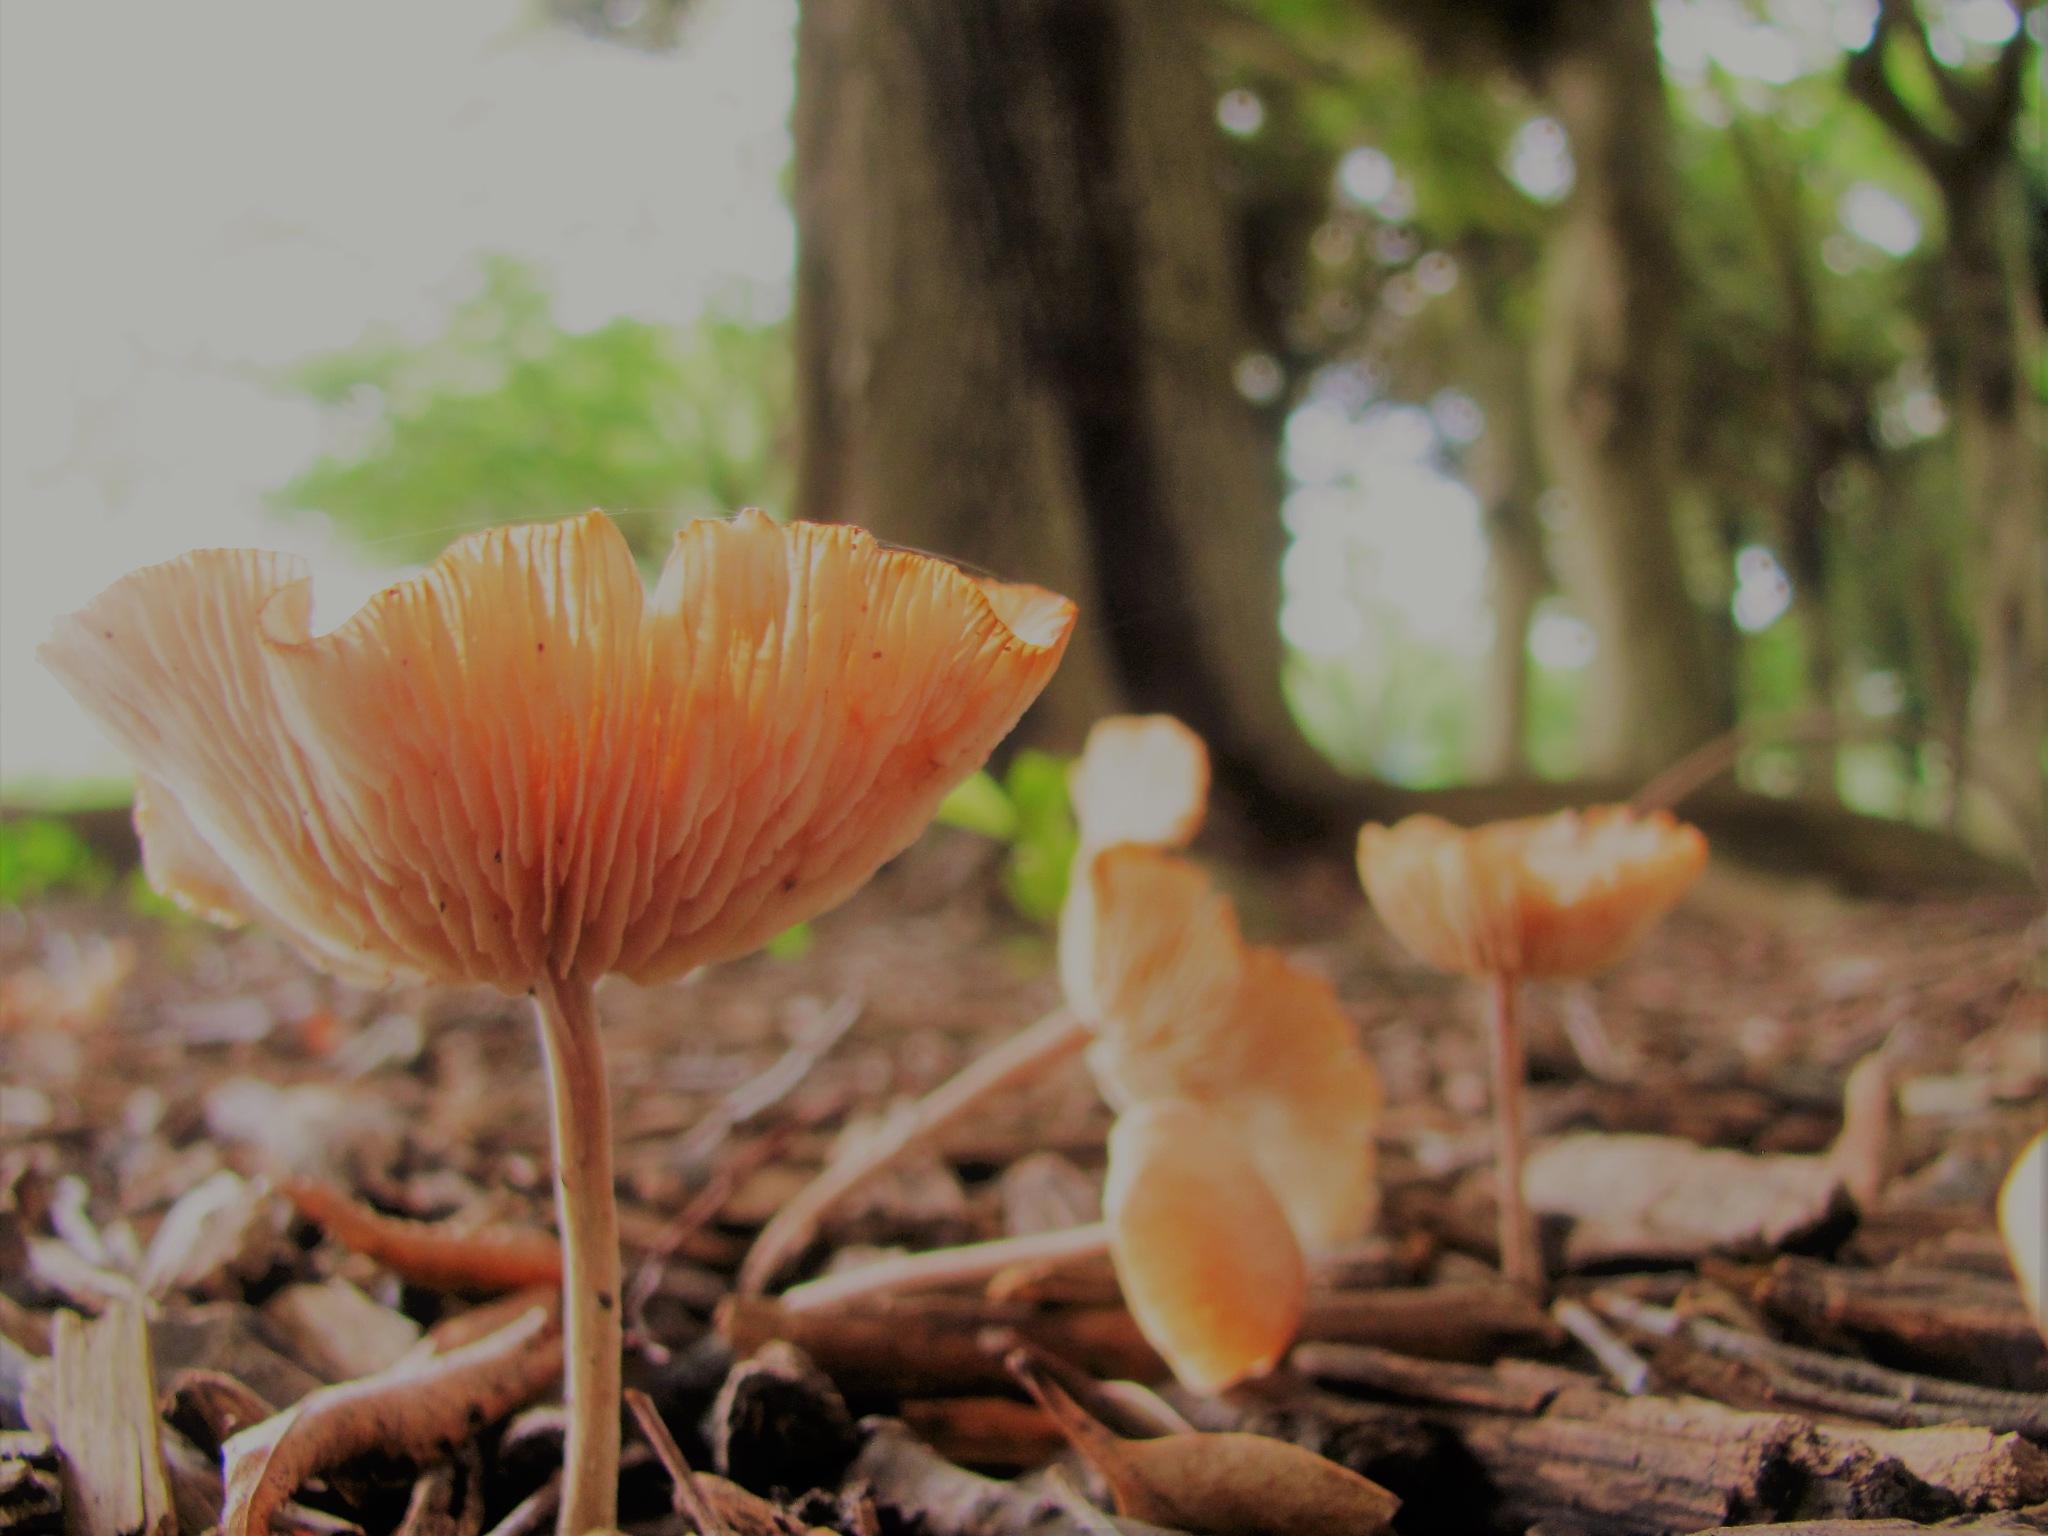 mushrooms in the park by Masahiro  Asano